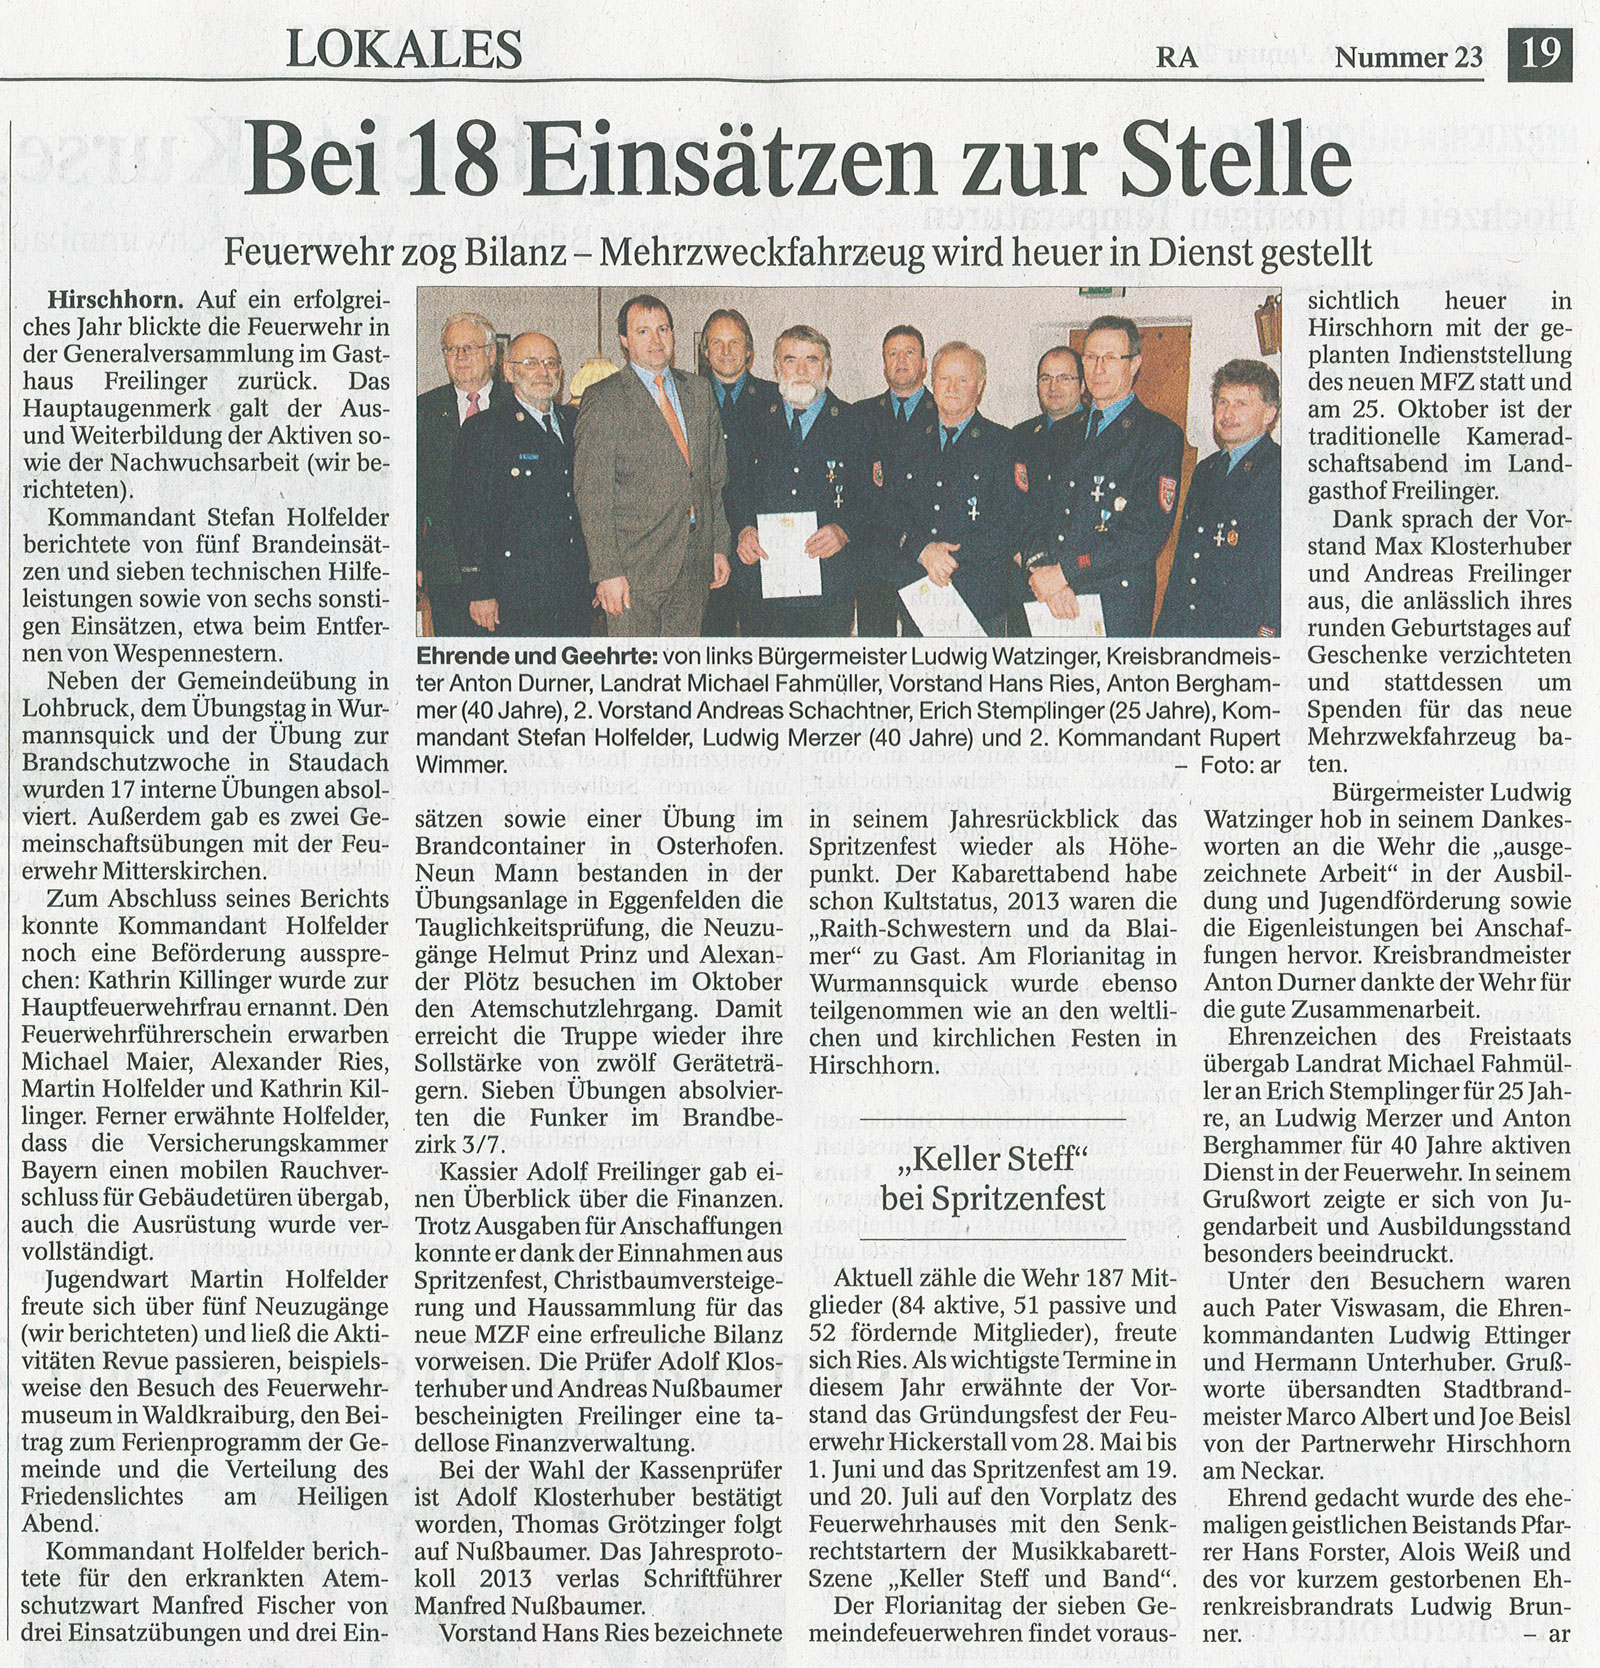 Zeitungsbericht im Rottaler Anzeiger über die Generalversammlung 2014